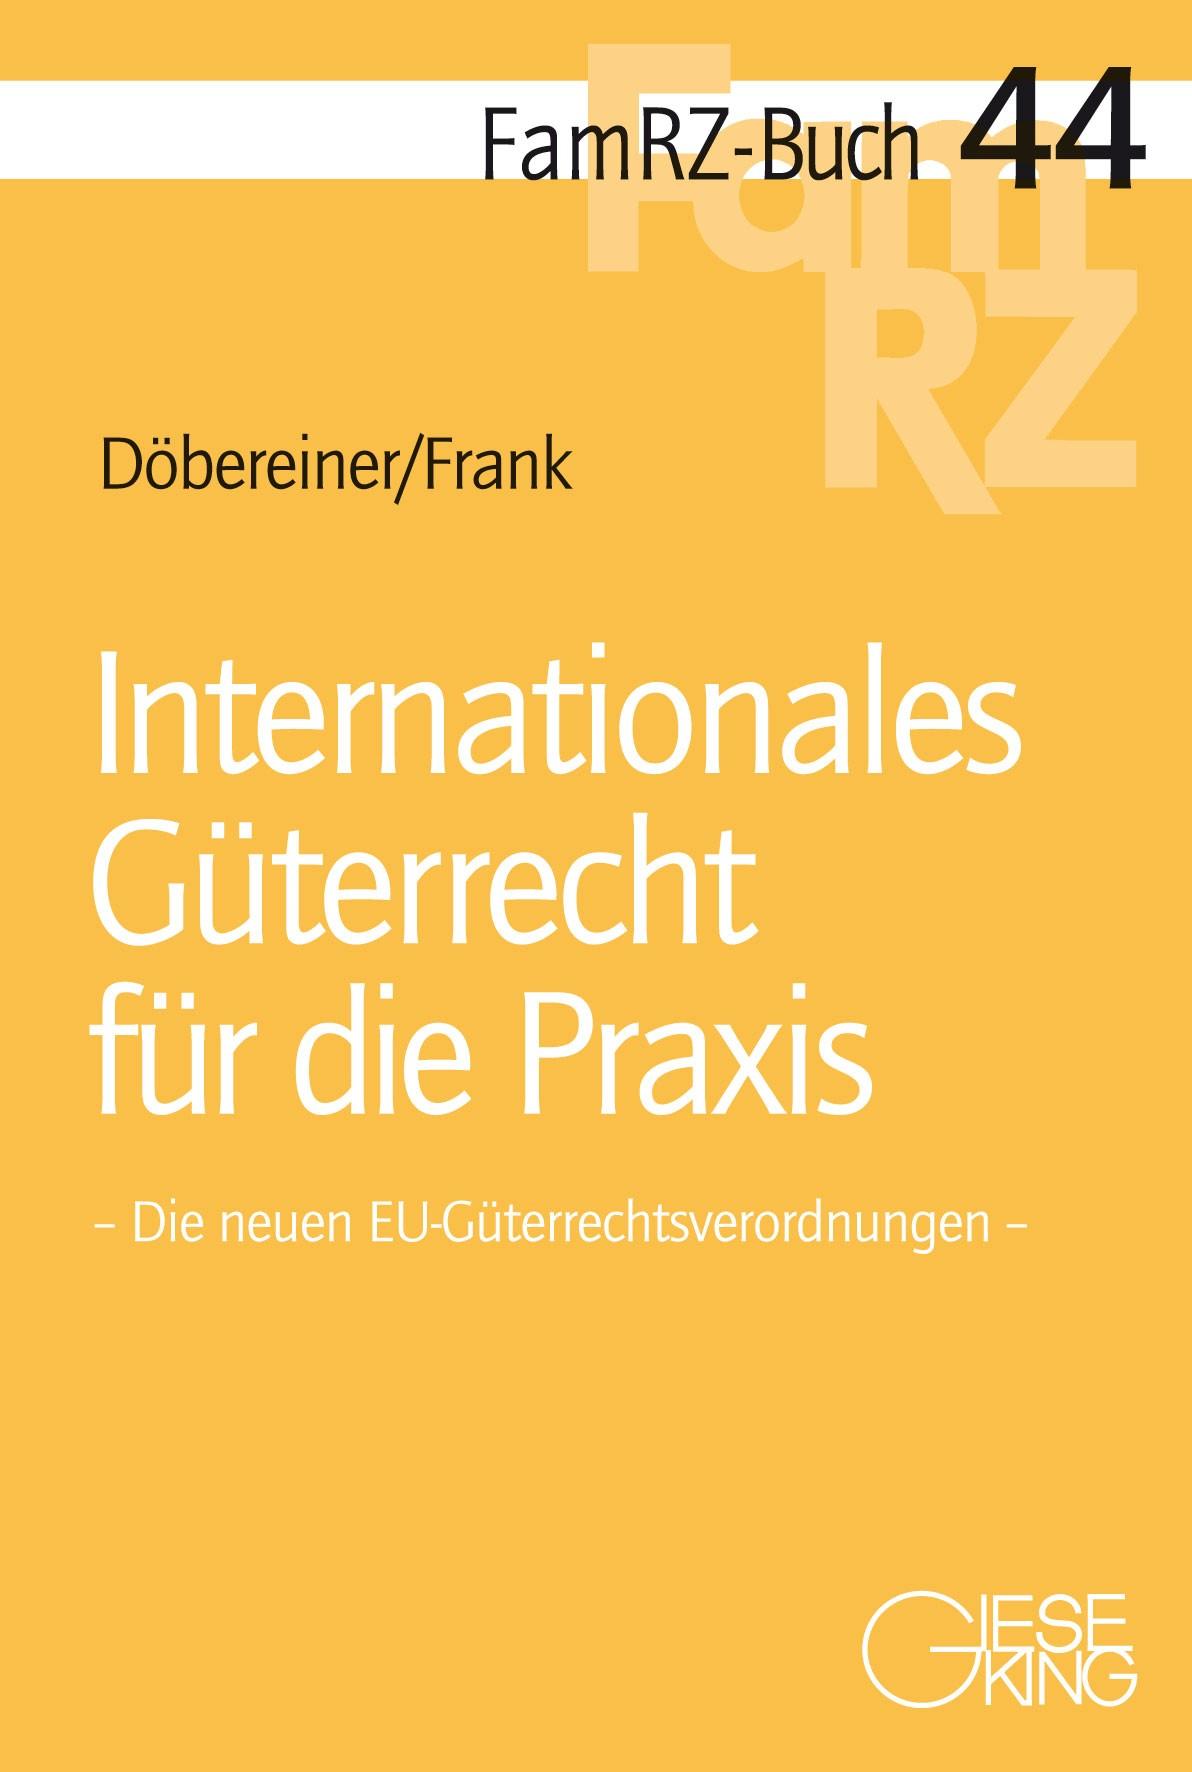 Internationales Güterrecht für die Praxis | Döbereiner / Frank, 2019 | Buch (Cover)